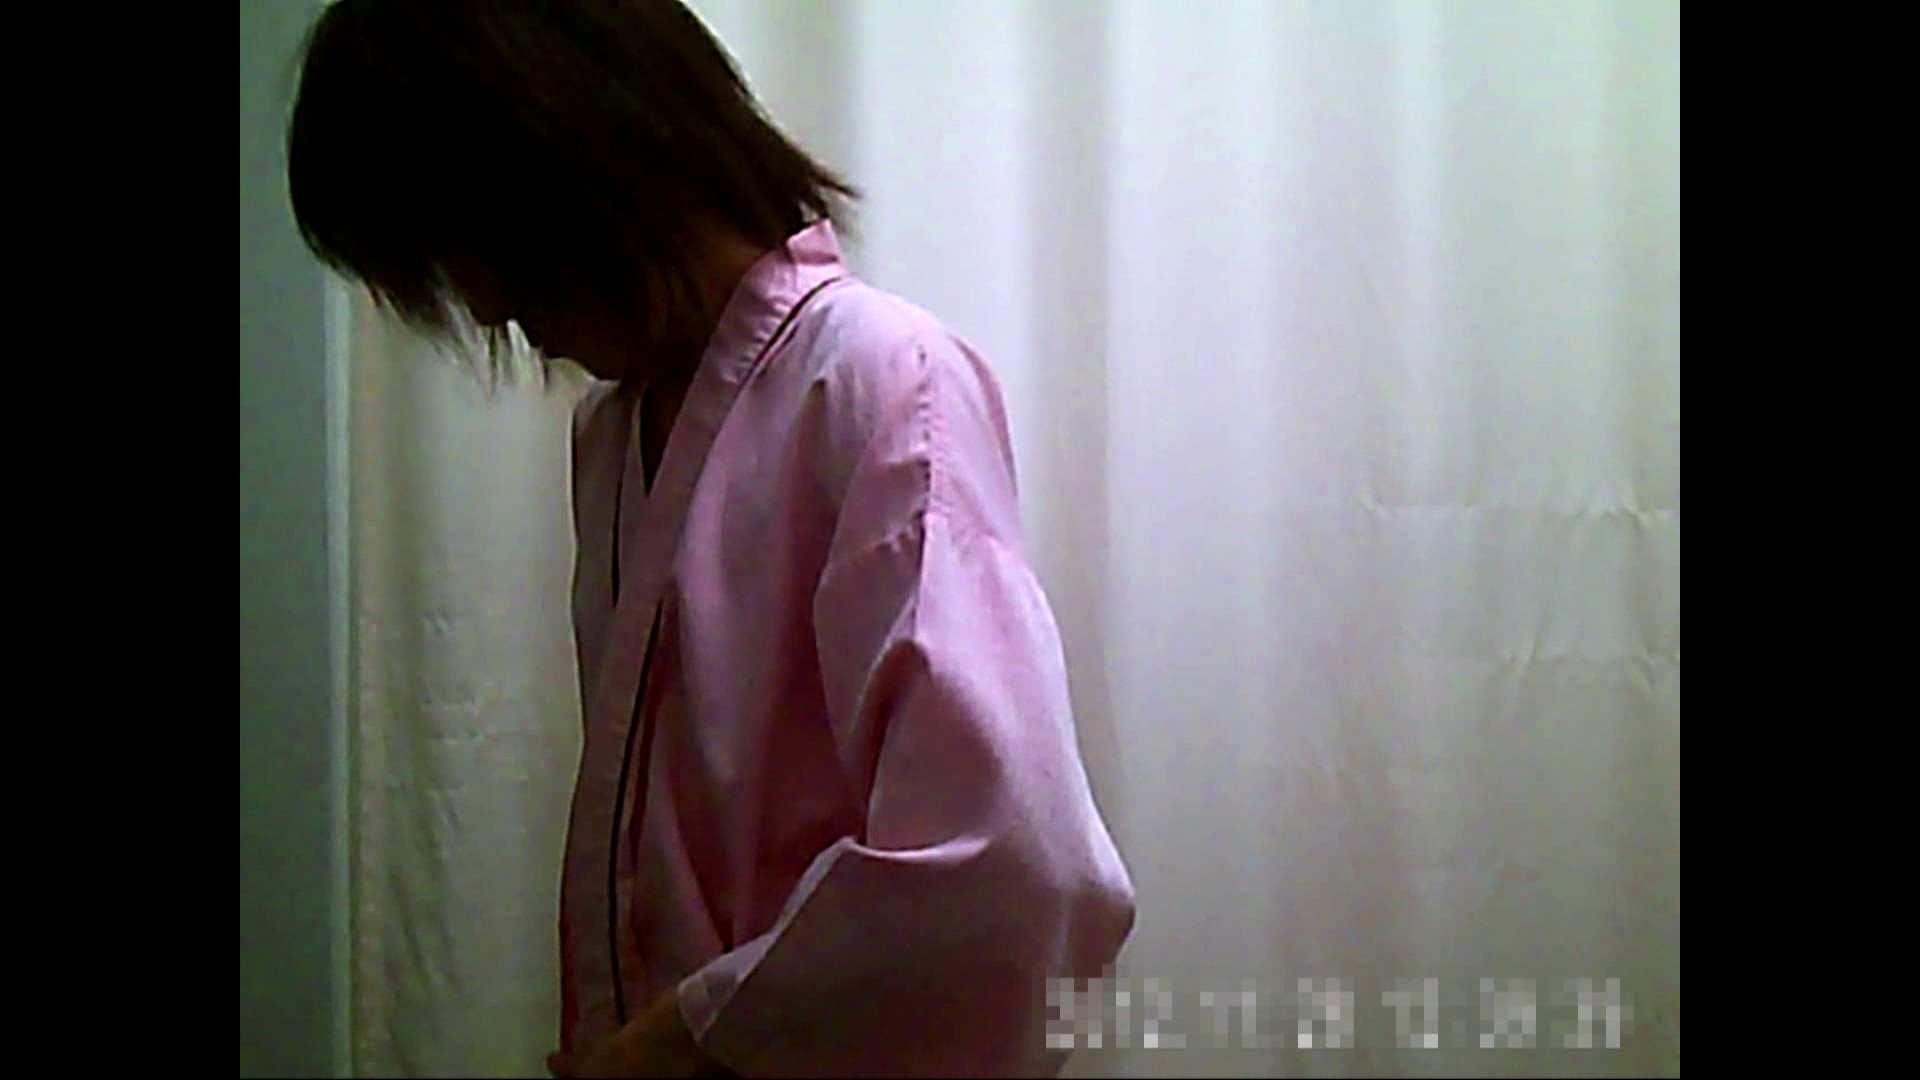 病院おもいっきり着替え! vol.161 着替え女子 隠し撮りオマンコ動画紹介 63連発 3